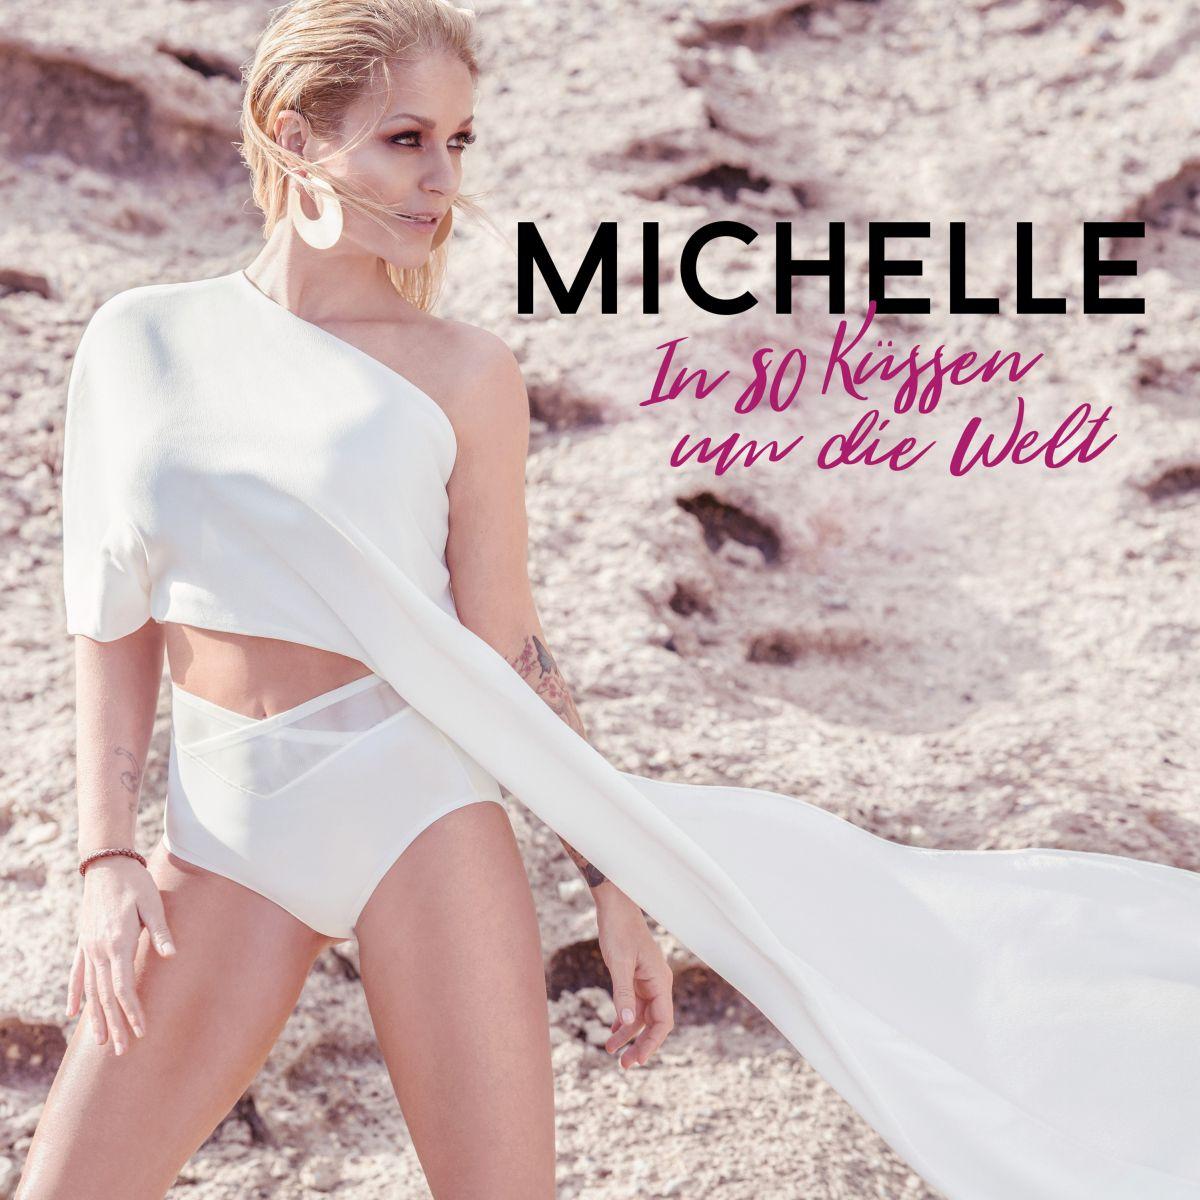 Cover: In 80 Küssen um die Welt, Michelle